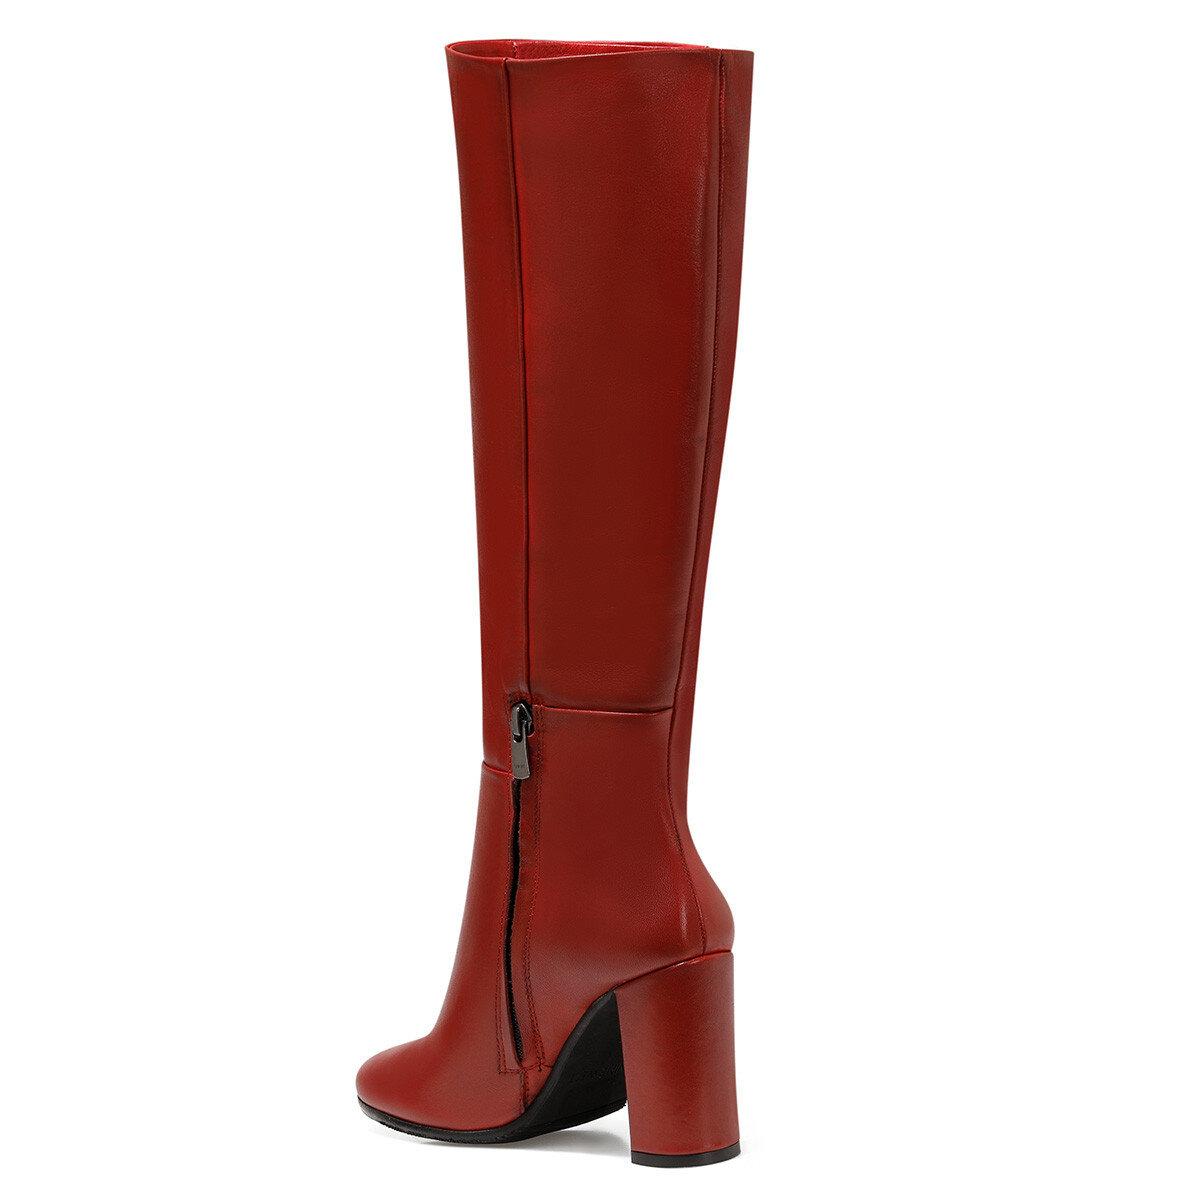 PRILLI Koyu Kırmızı Kadın Topuklu Çizme